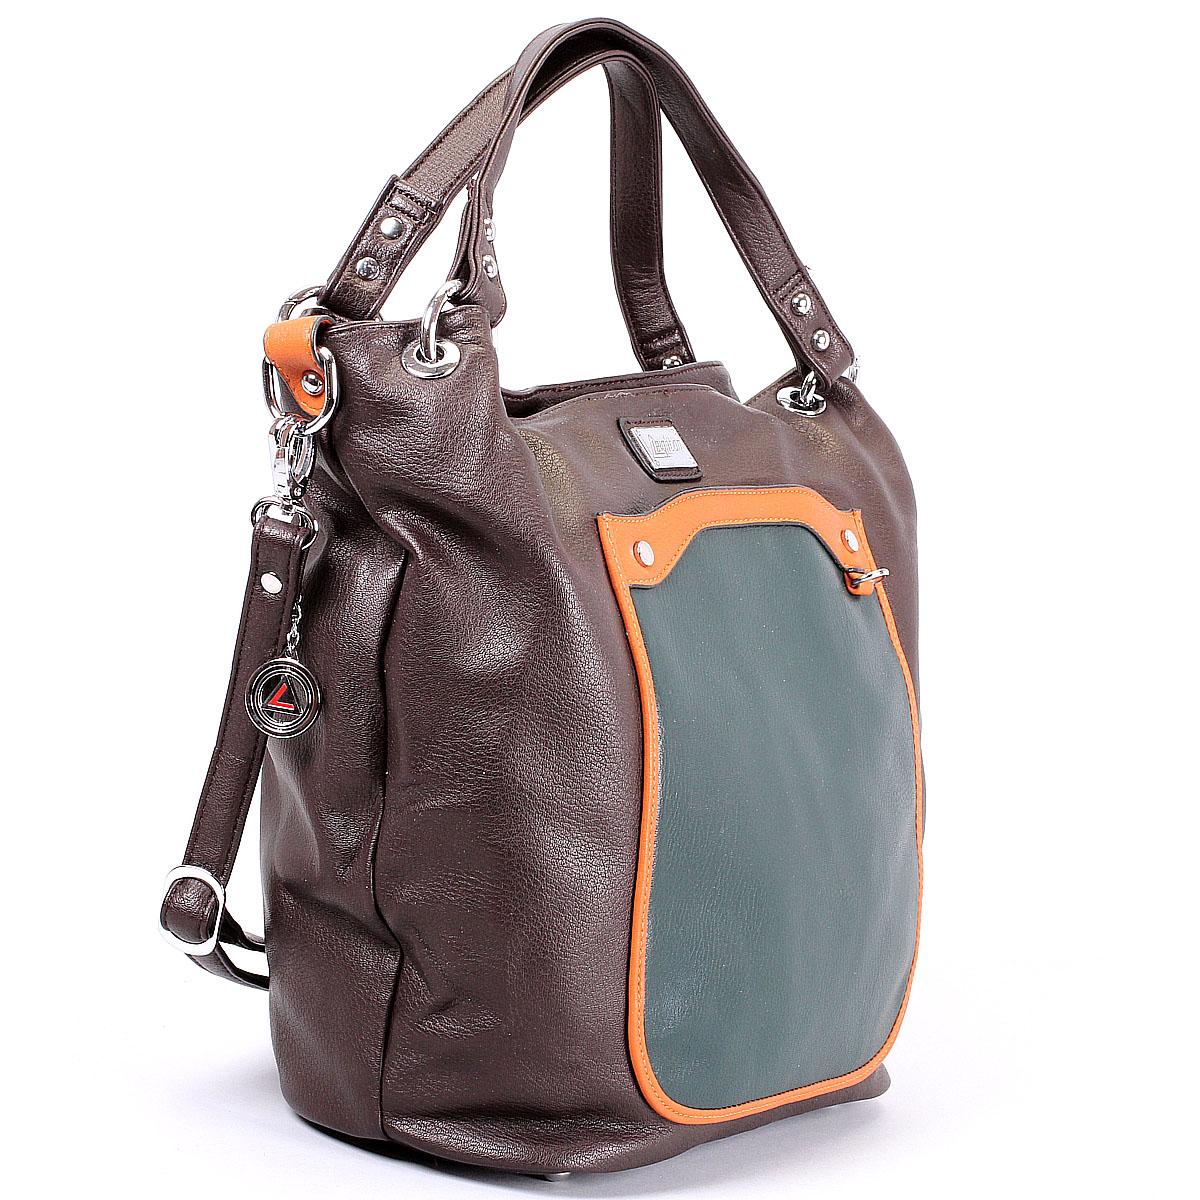 Сумка женская Leighton, цвет: коричневый, зеленый, оранжевый. 550302-149 ( 550302-149/2/149/5/149/19 )